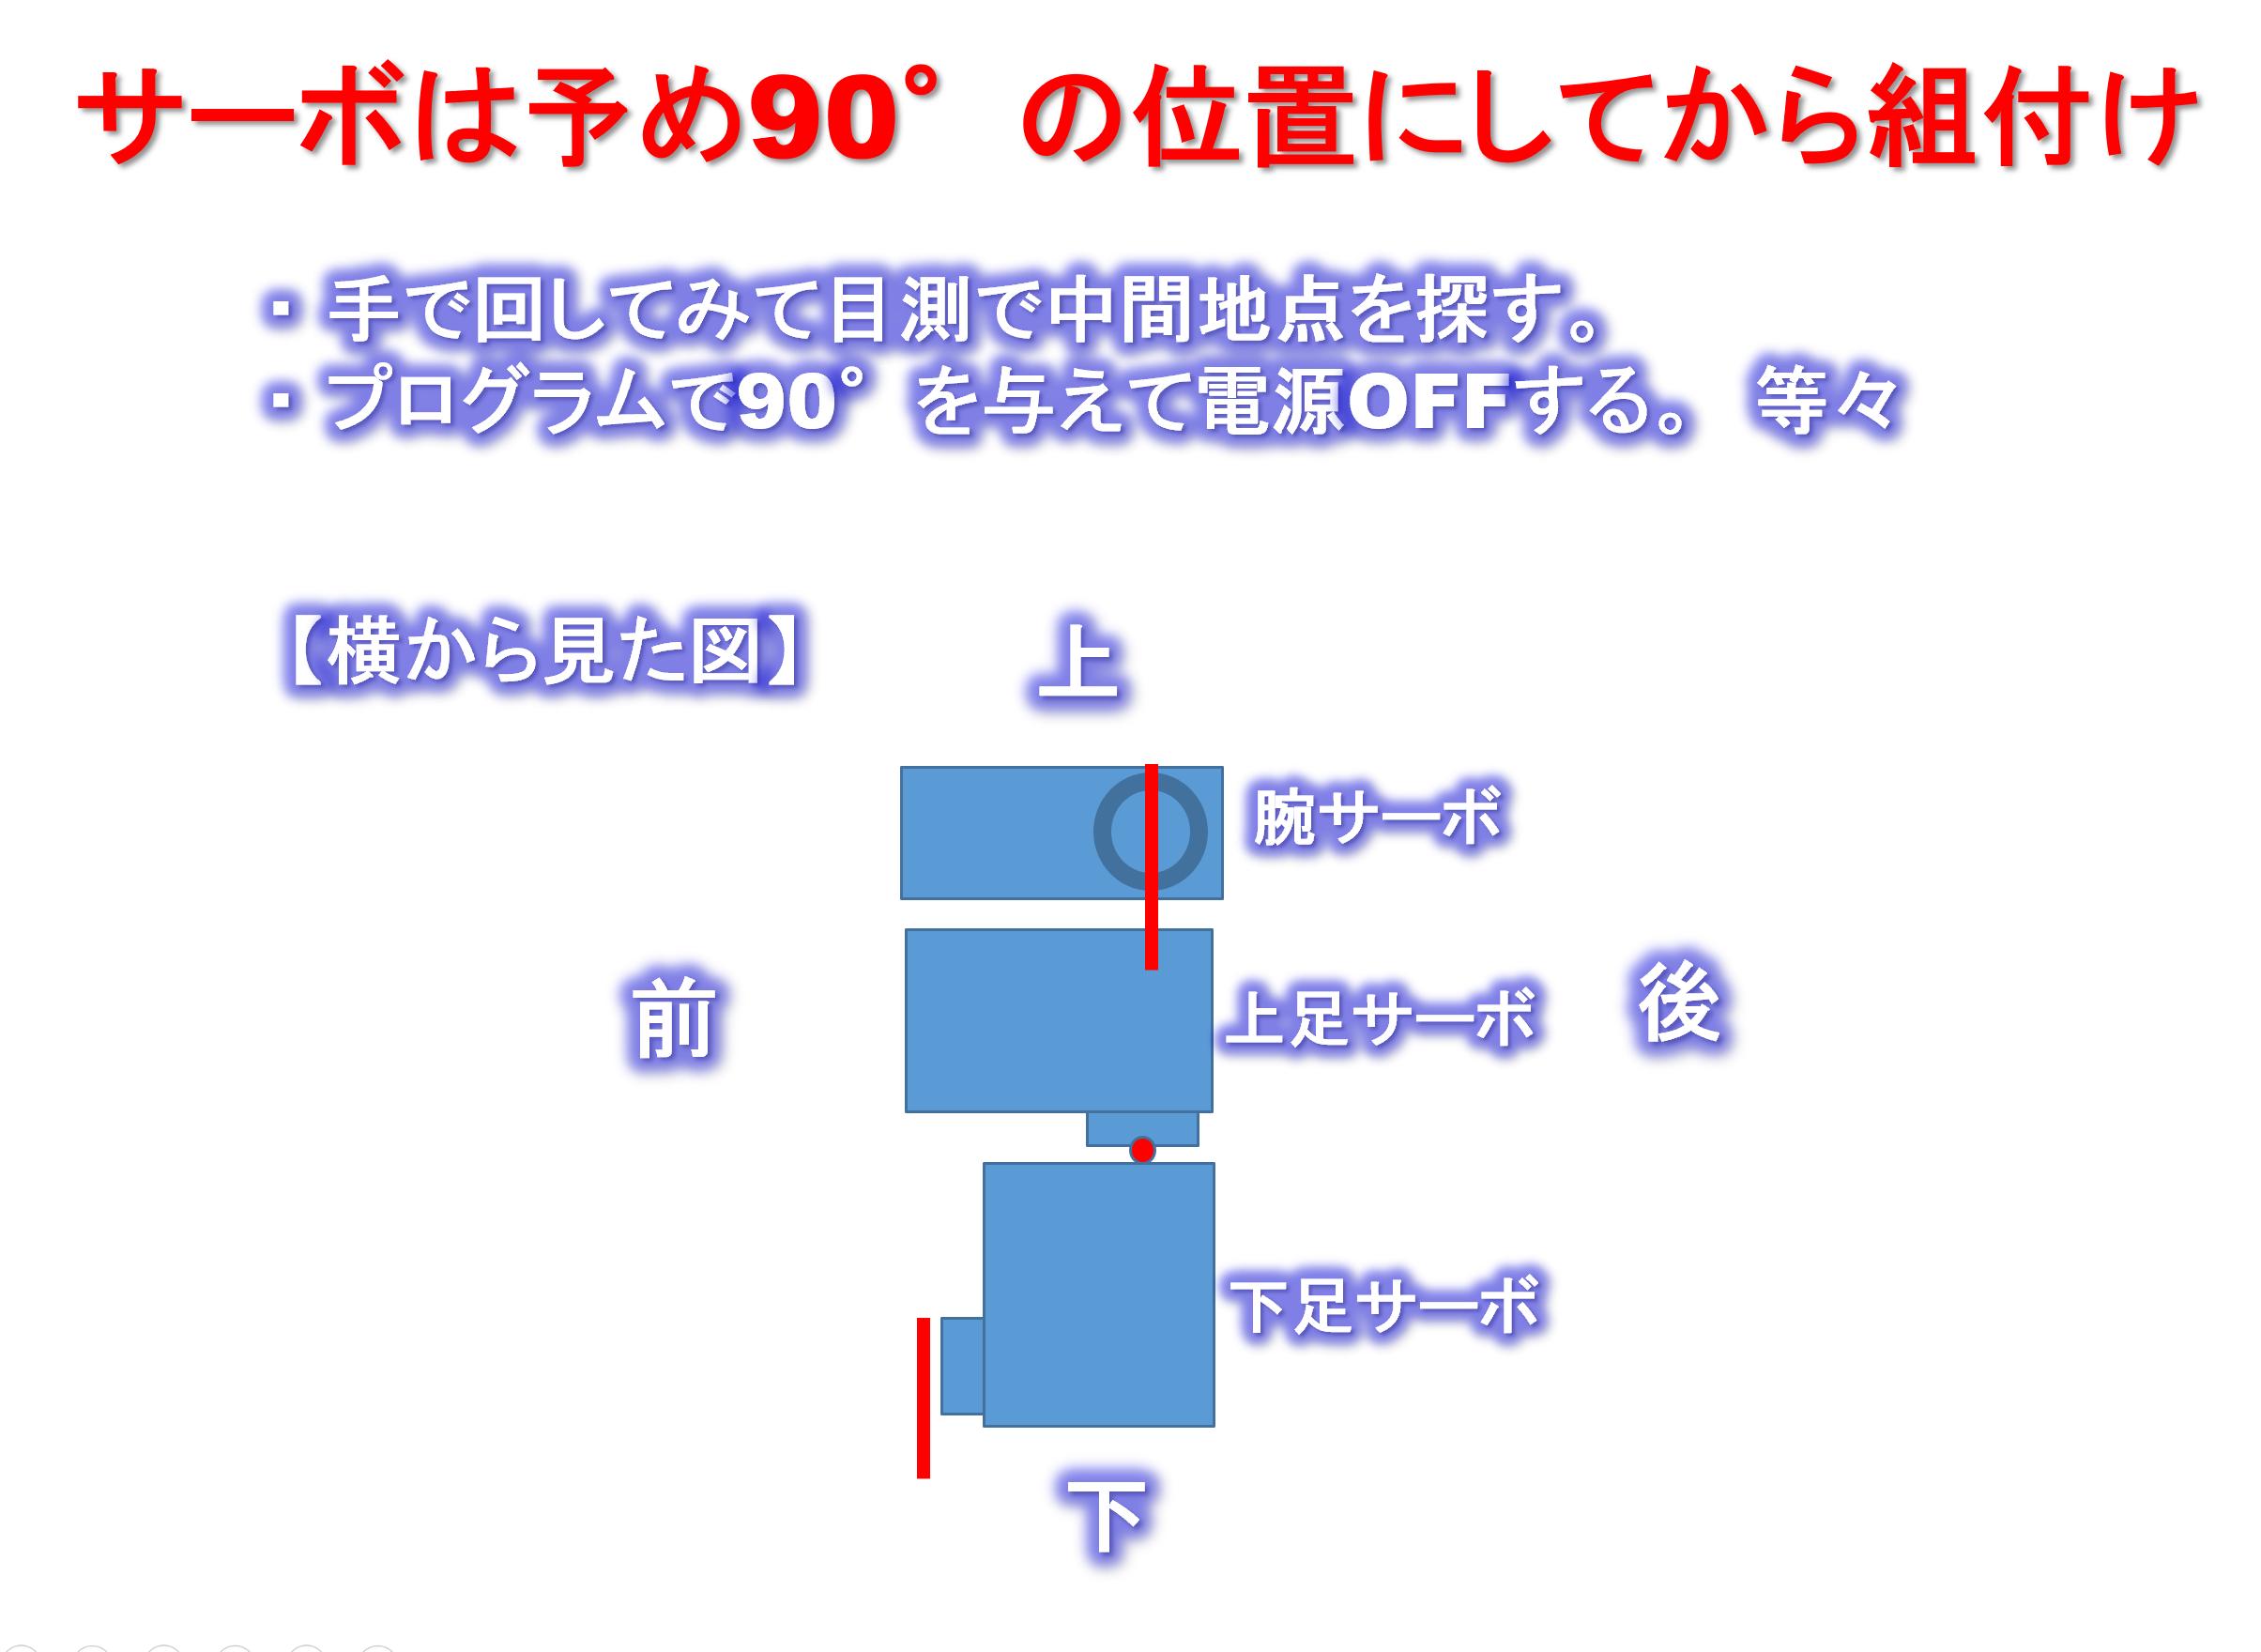 組み立て 2足歩行ロボット-1-2.png